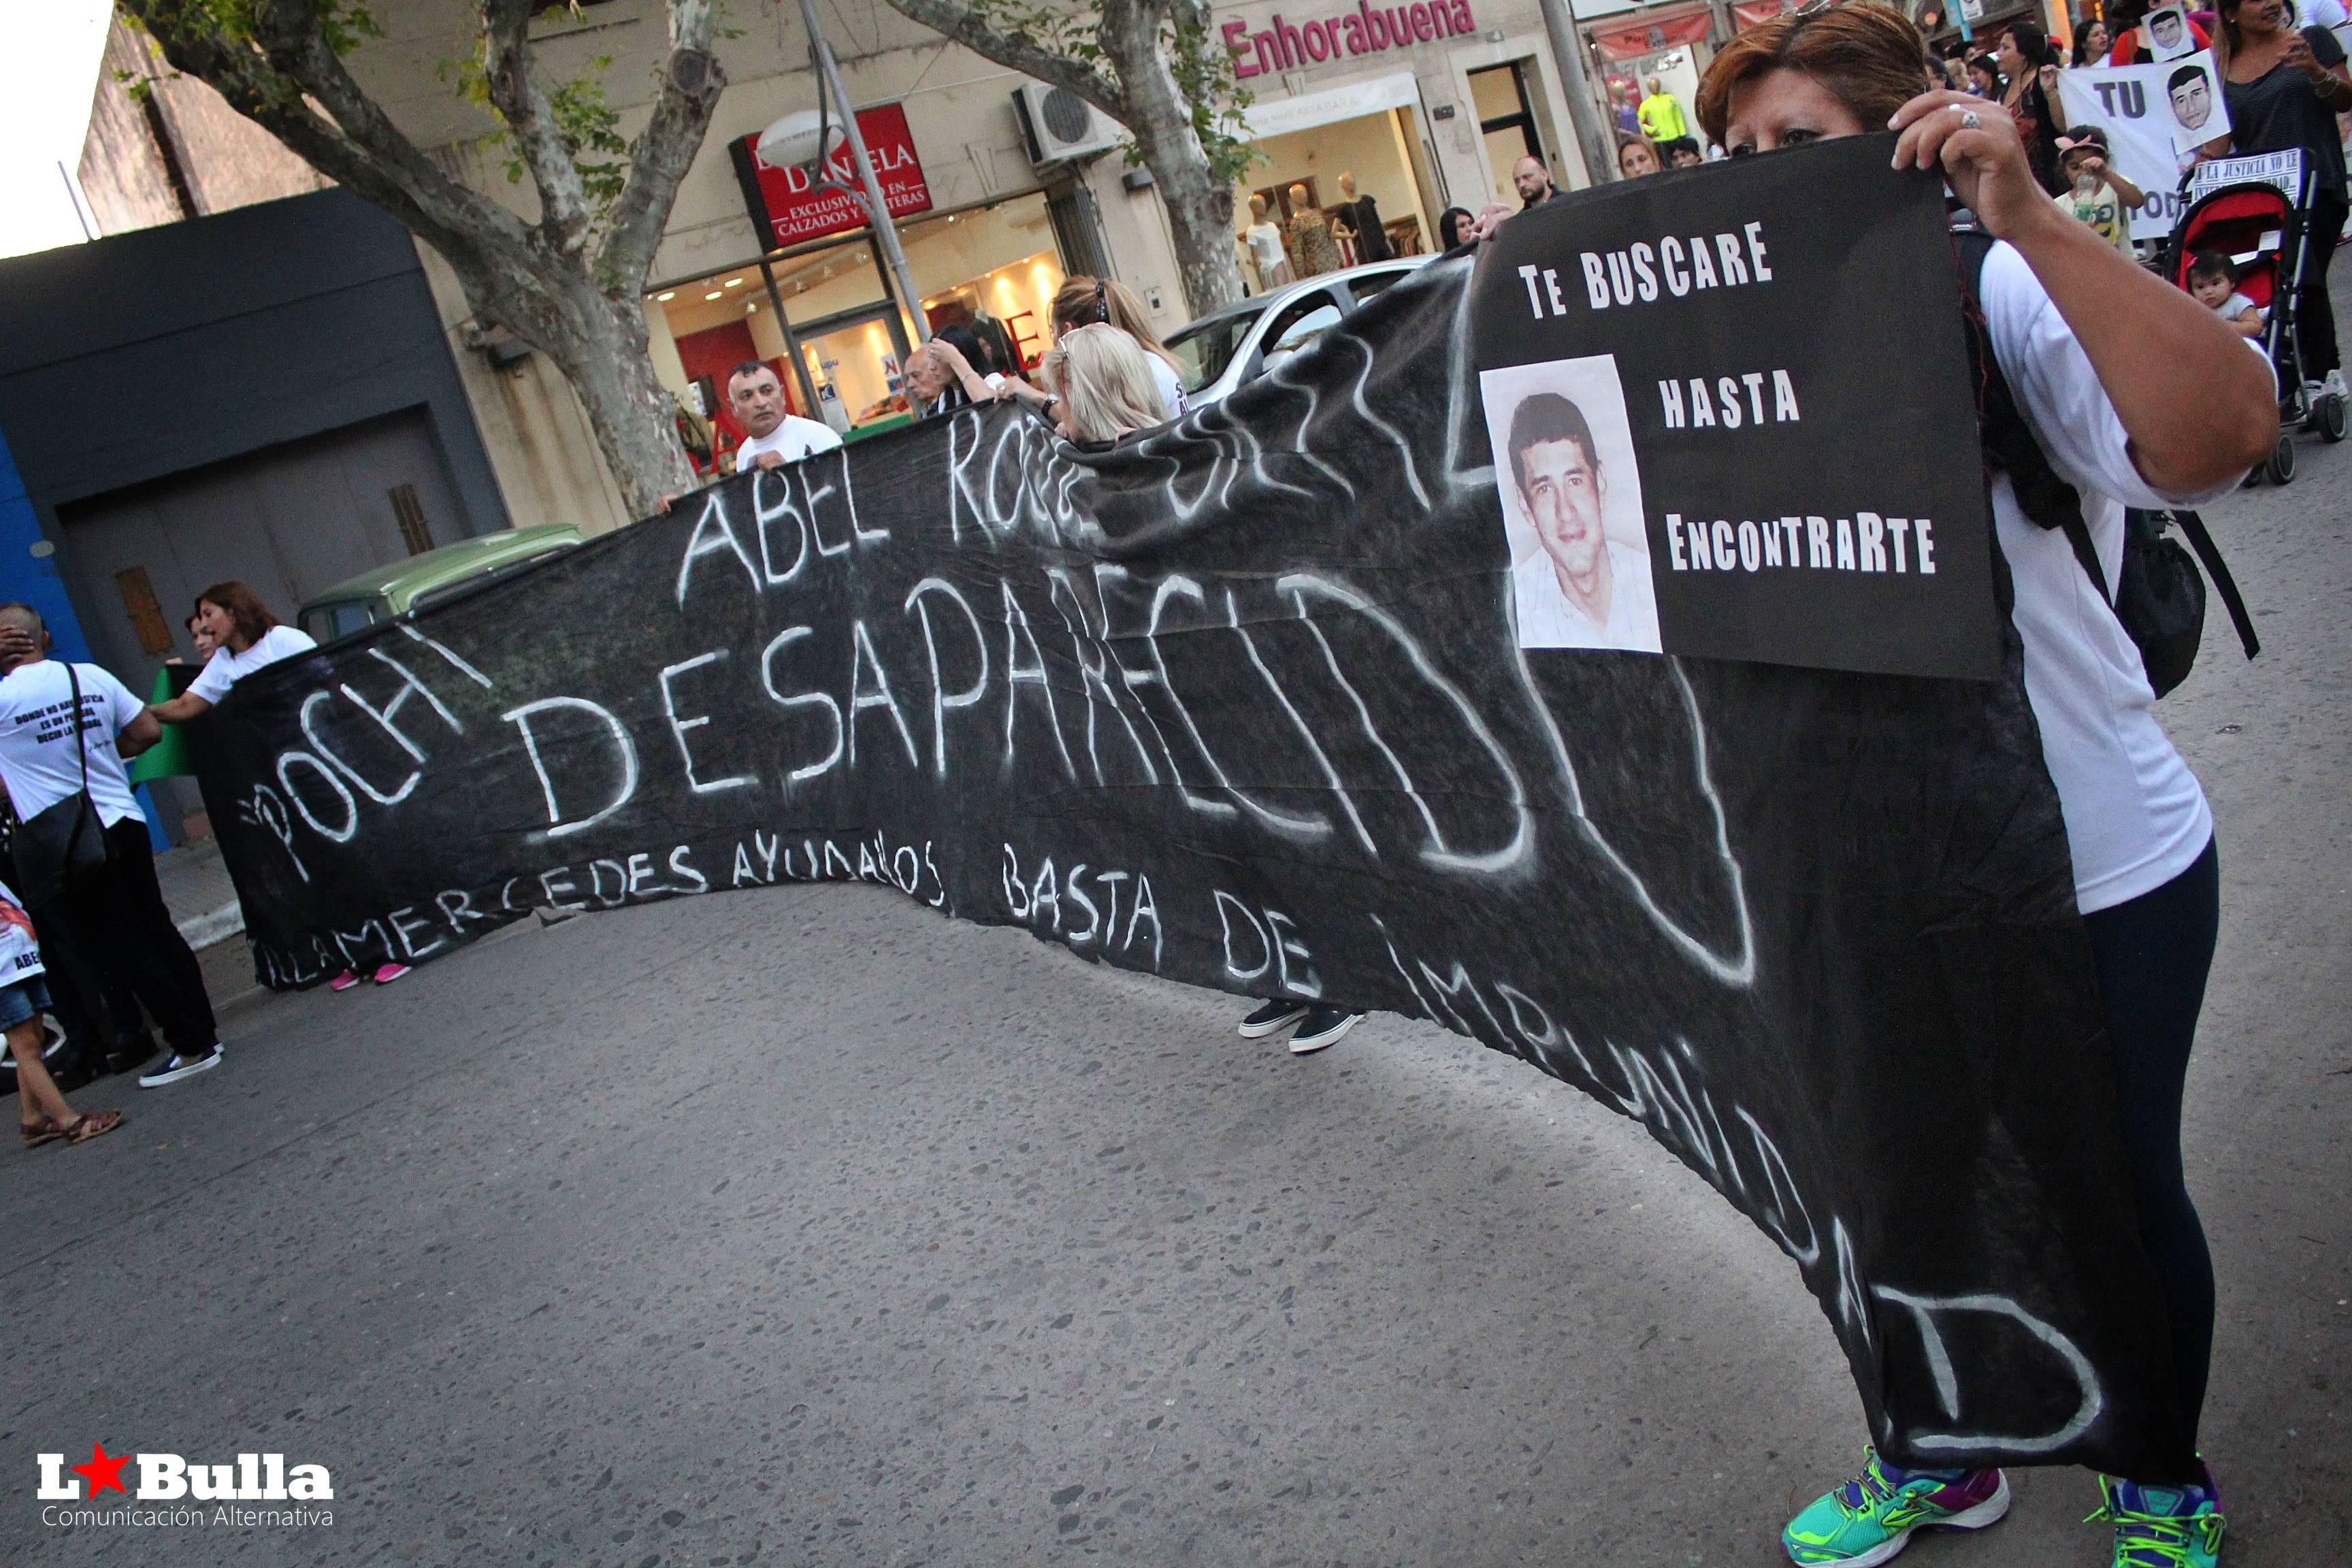 Marcha por Abel Ortiz, Marzo 22 2017